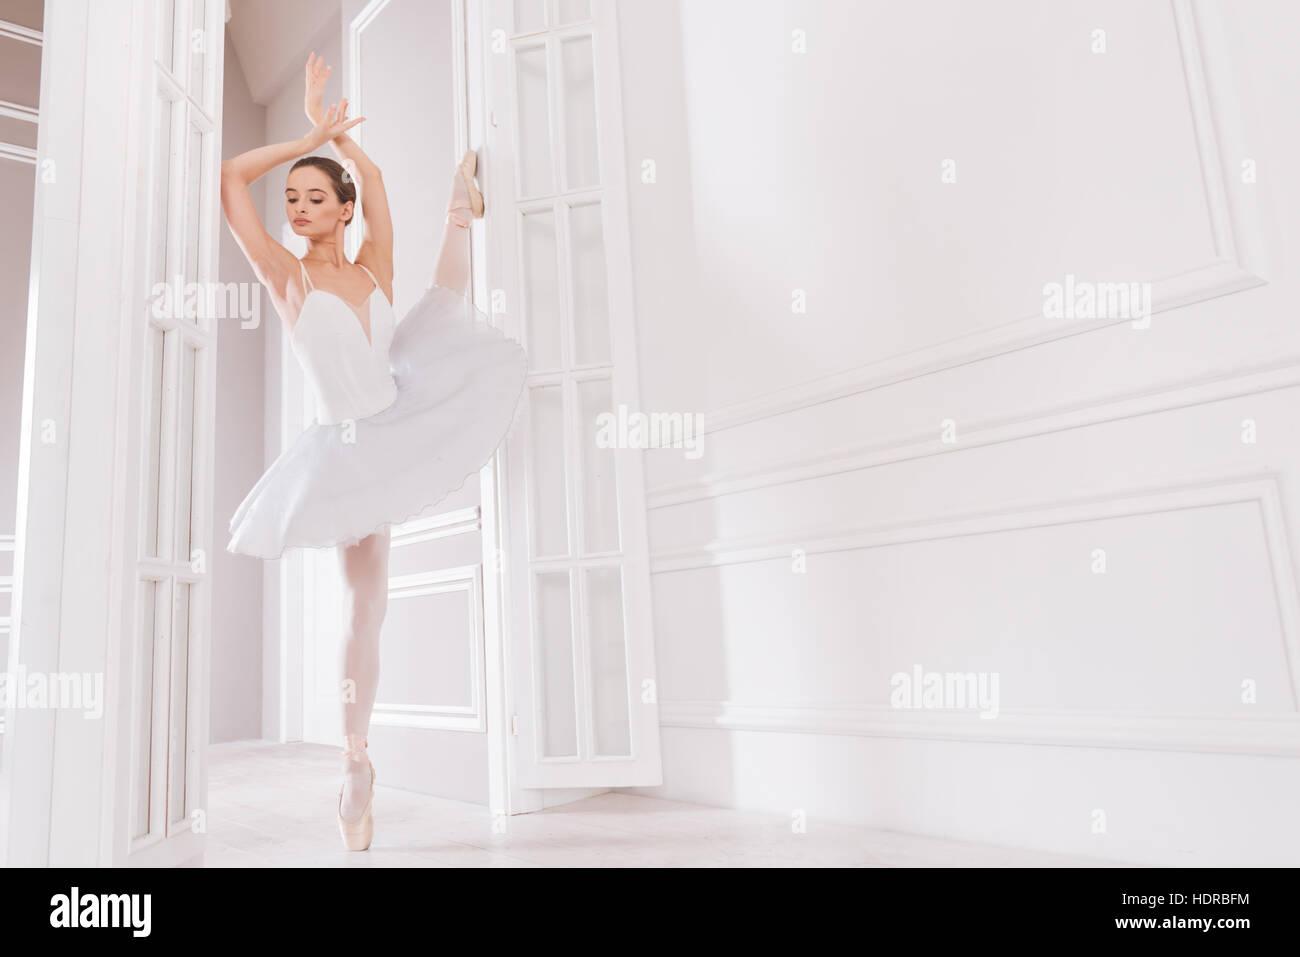 Zarte Ballett-Tänzerin sucht beiseite Stockbild